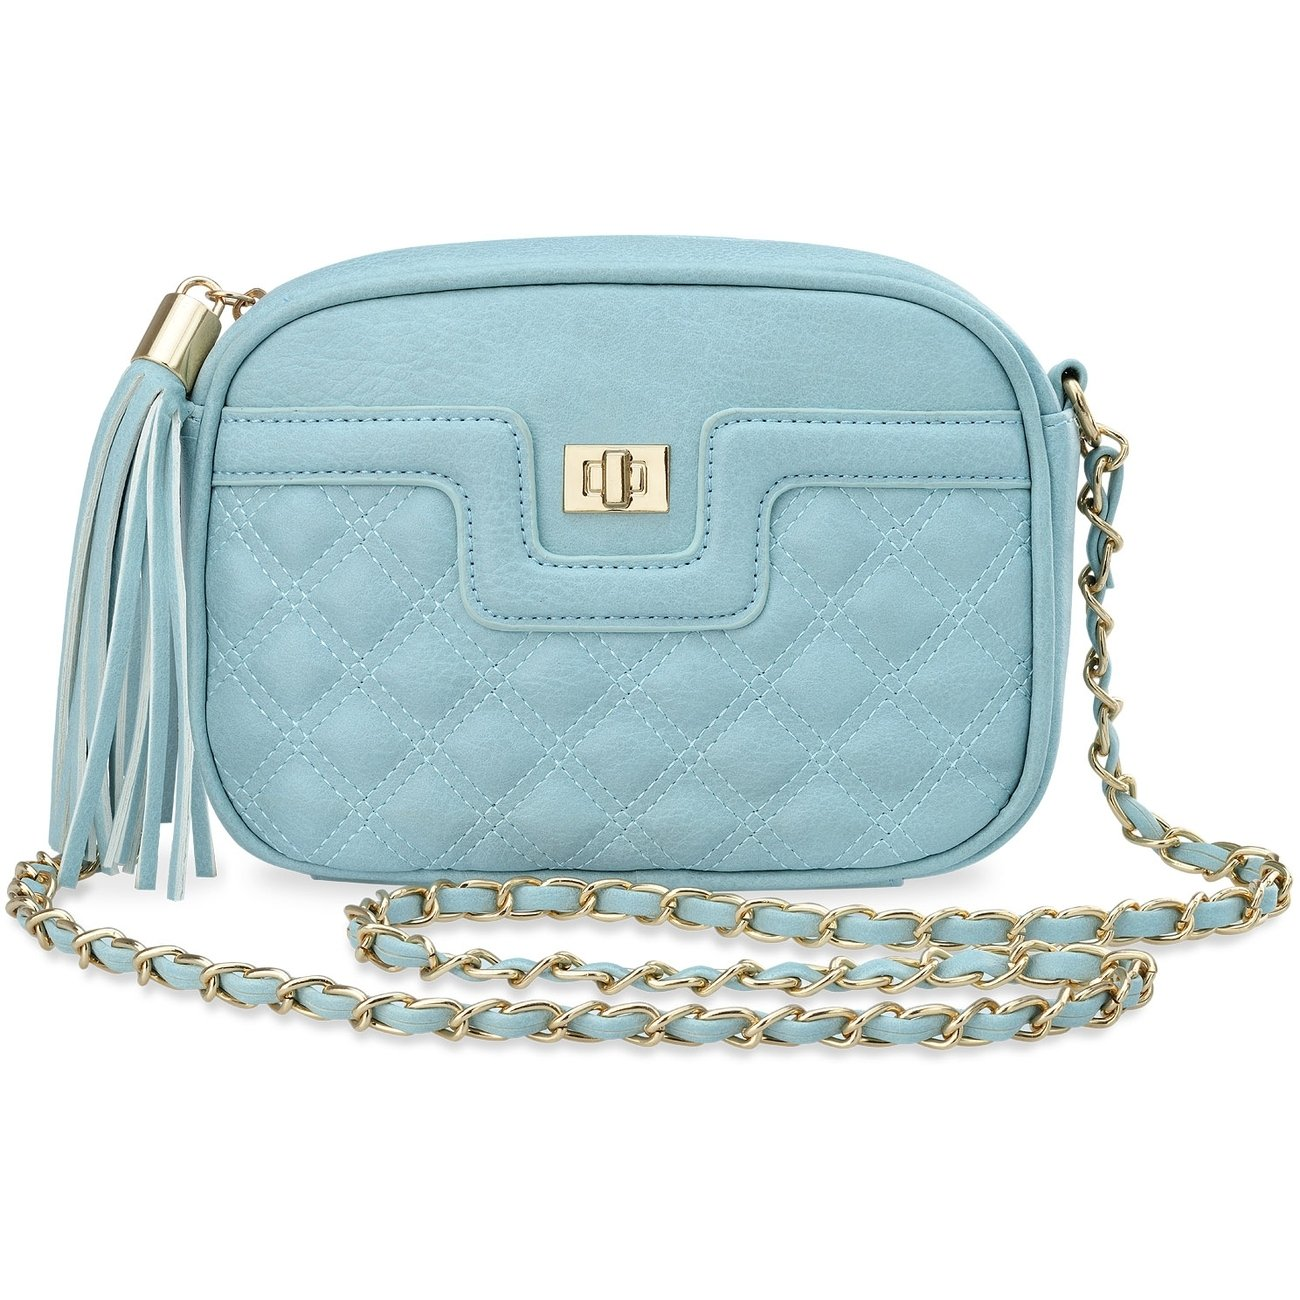 kleine Damentasche mit Reißverschluß Verzierungen Vorhängeschloß himmelblau